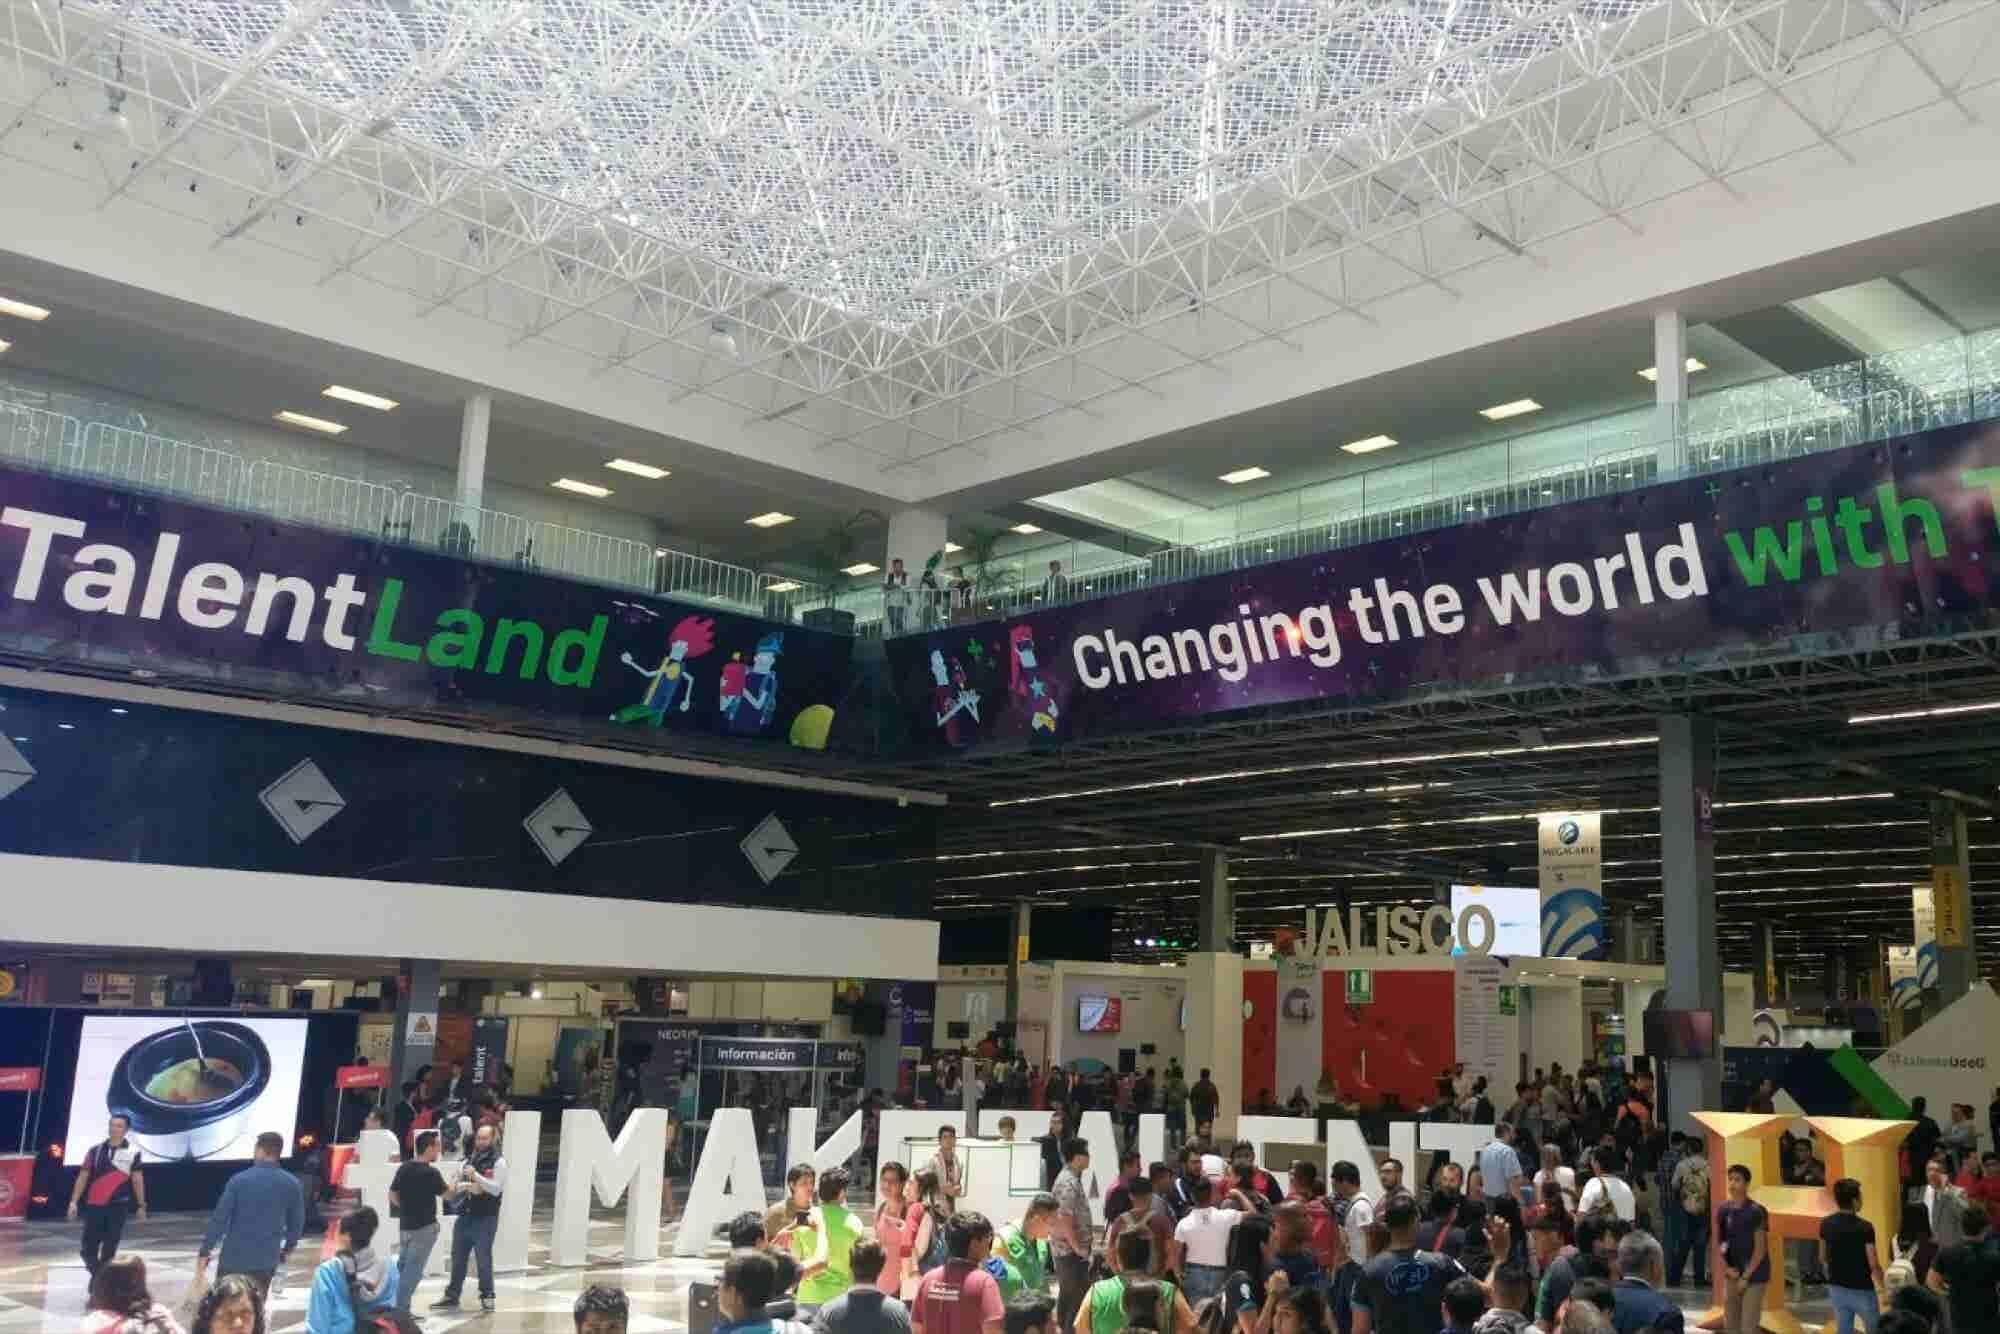 La evolución de Campus Party que vincula emprendedores con gigantes tecnológicos